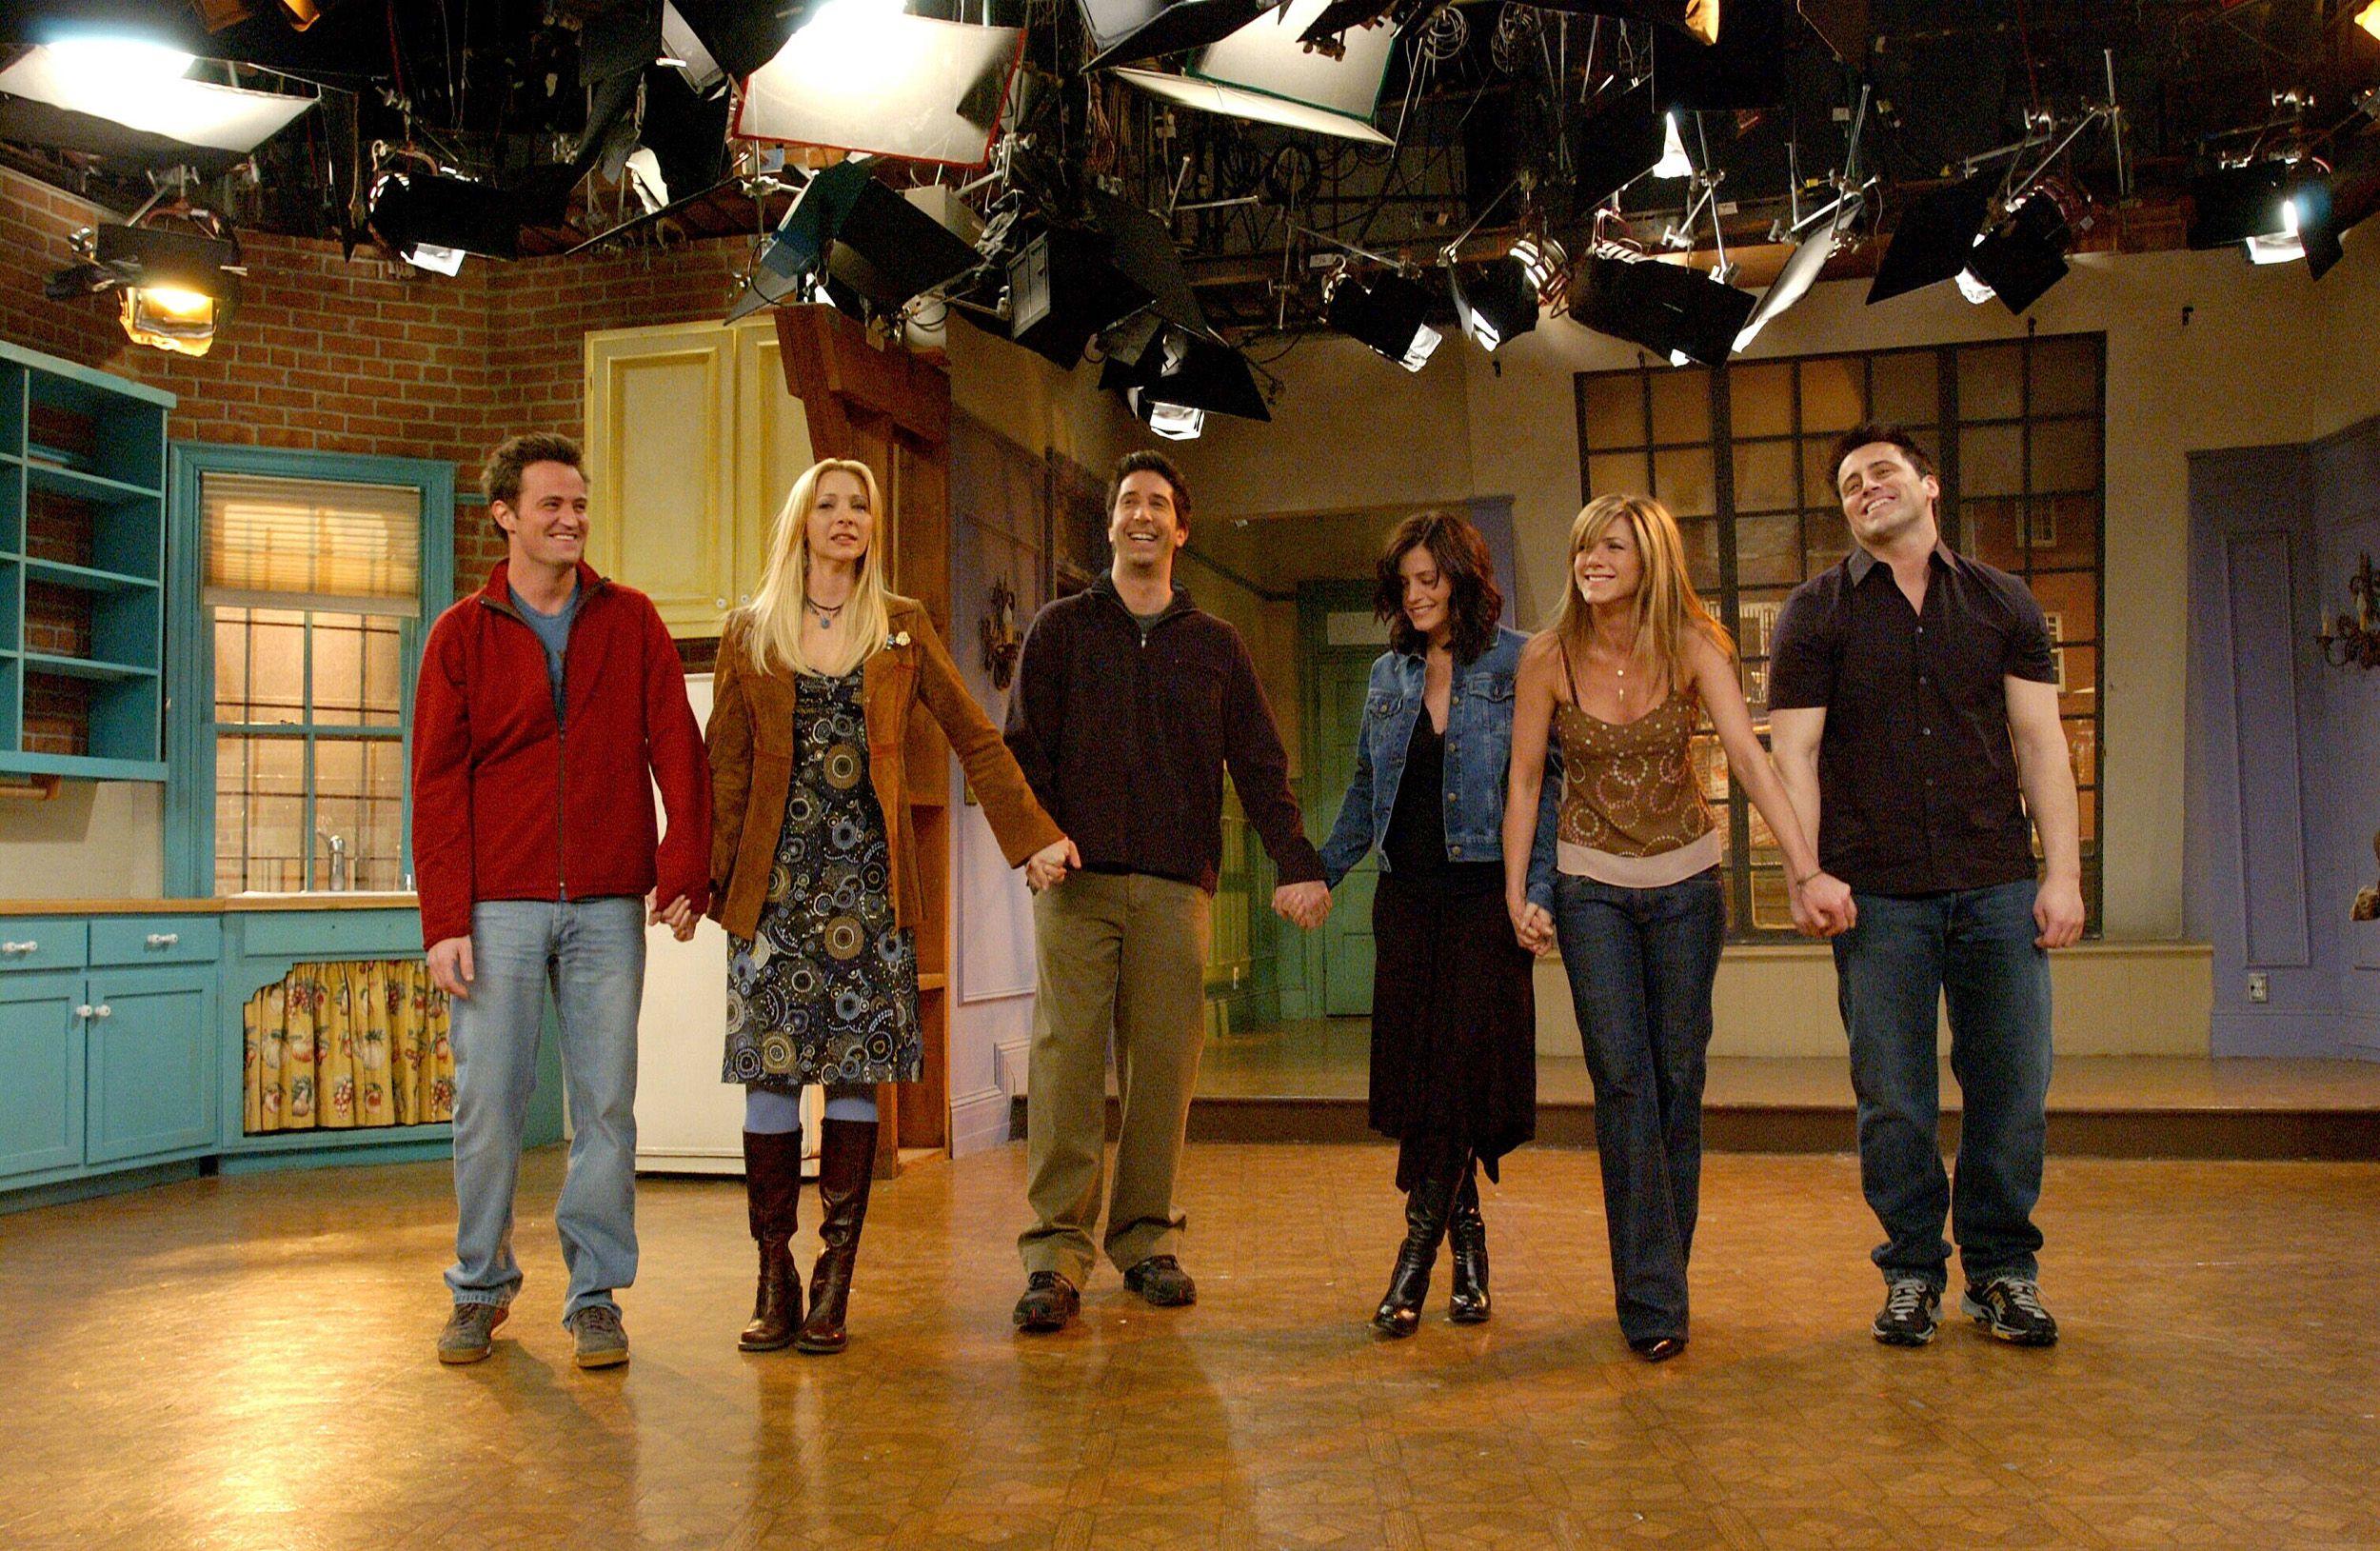 Las fotos del rodaje de \'Friends\' que no habías visto